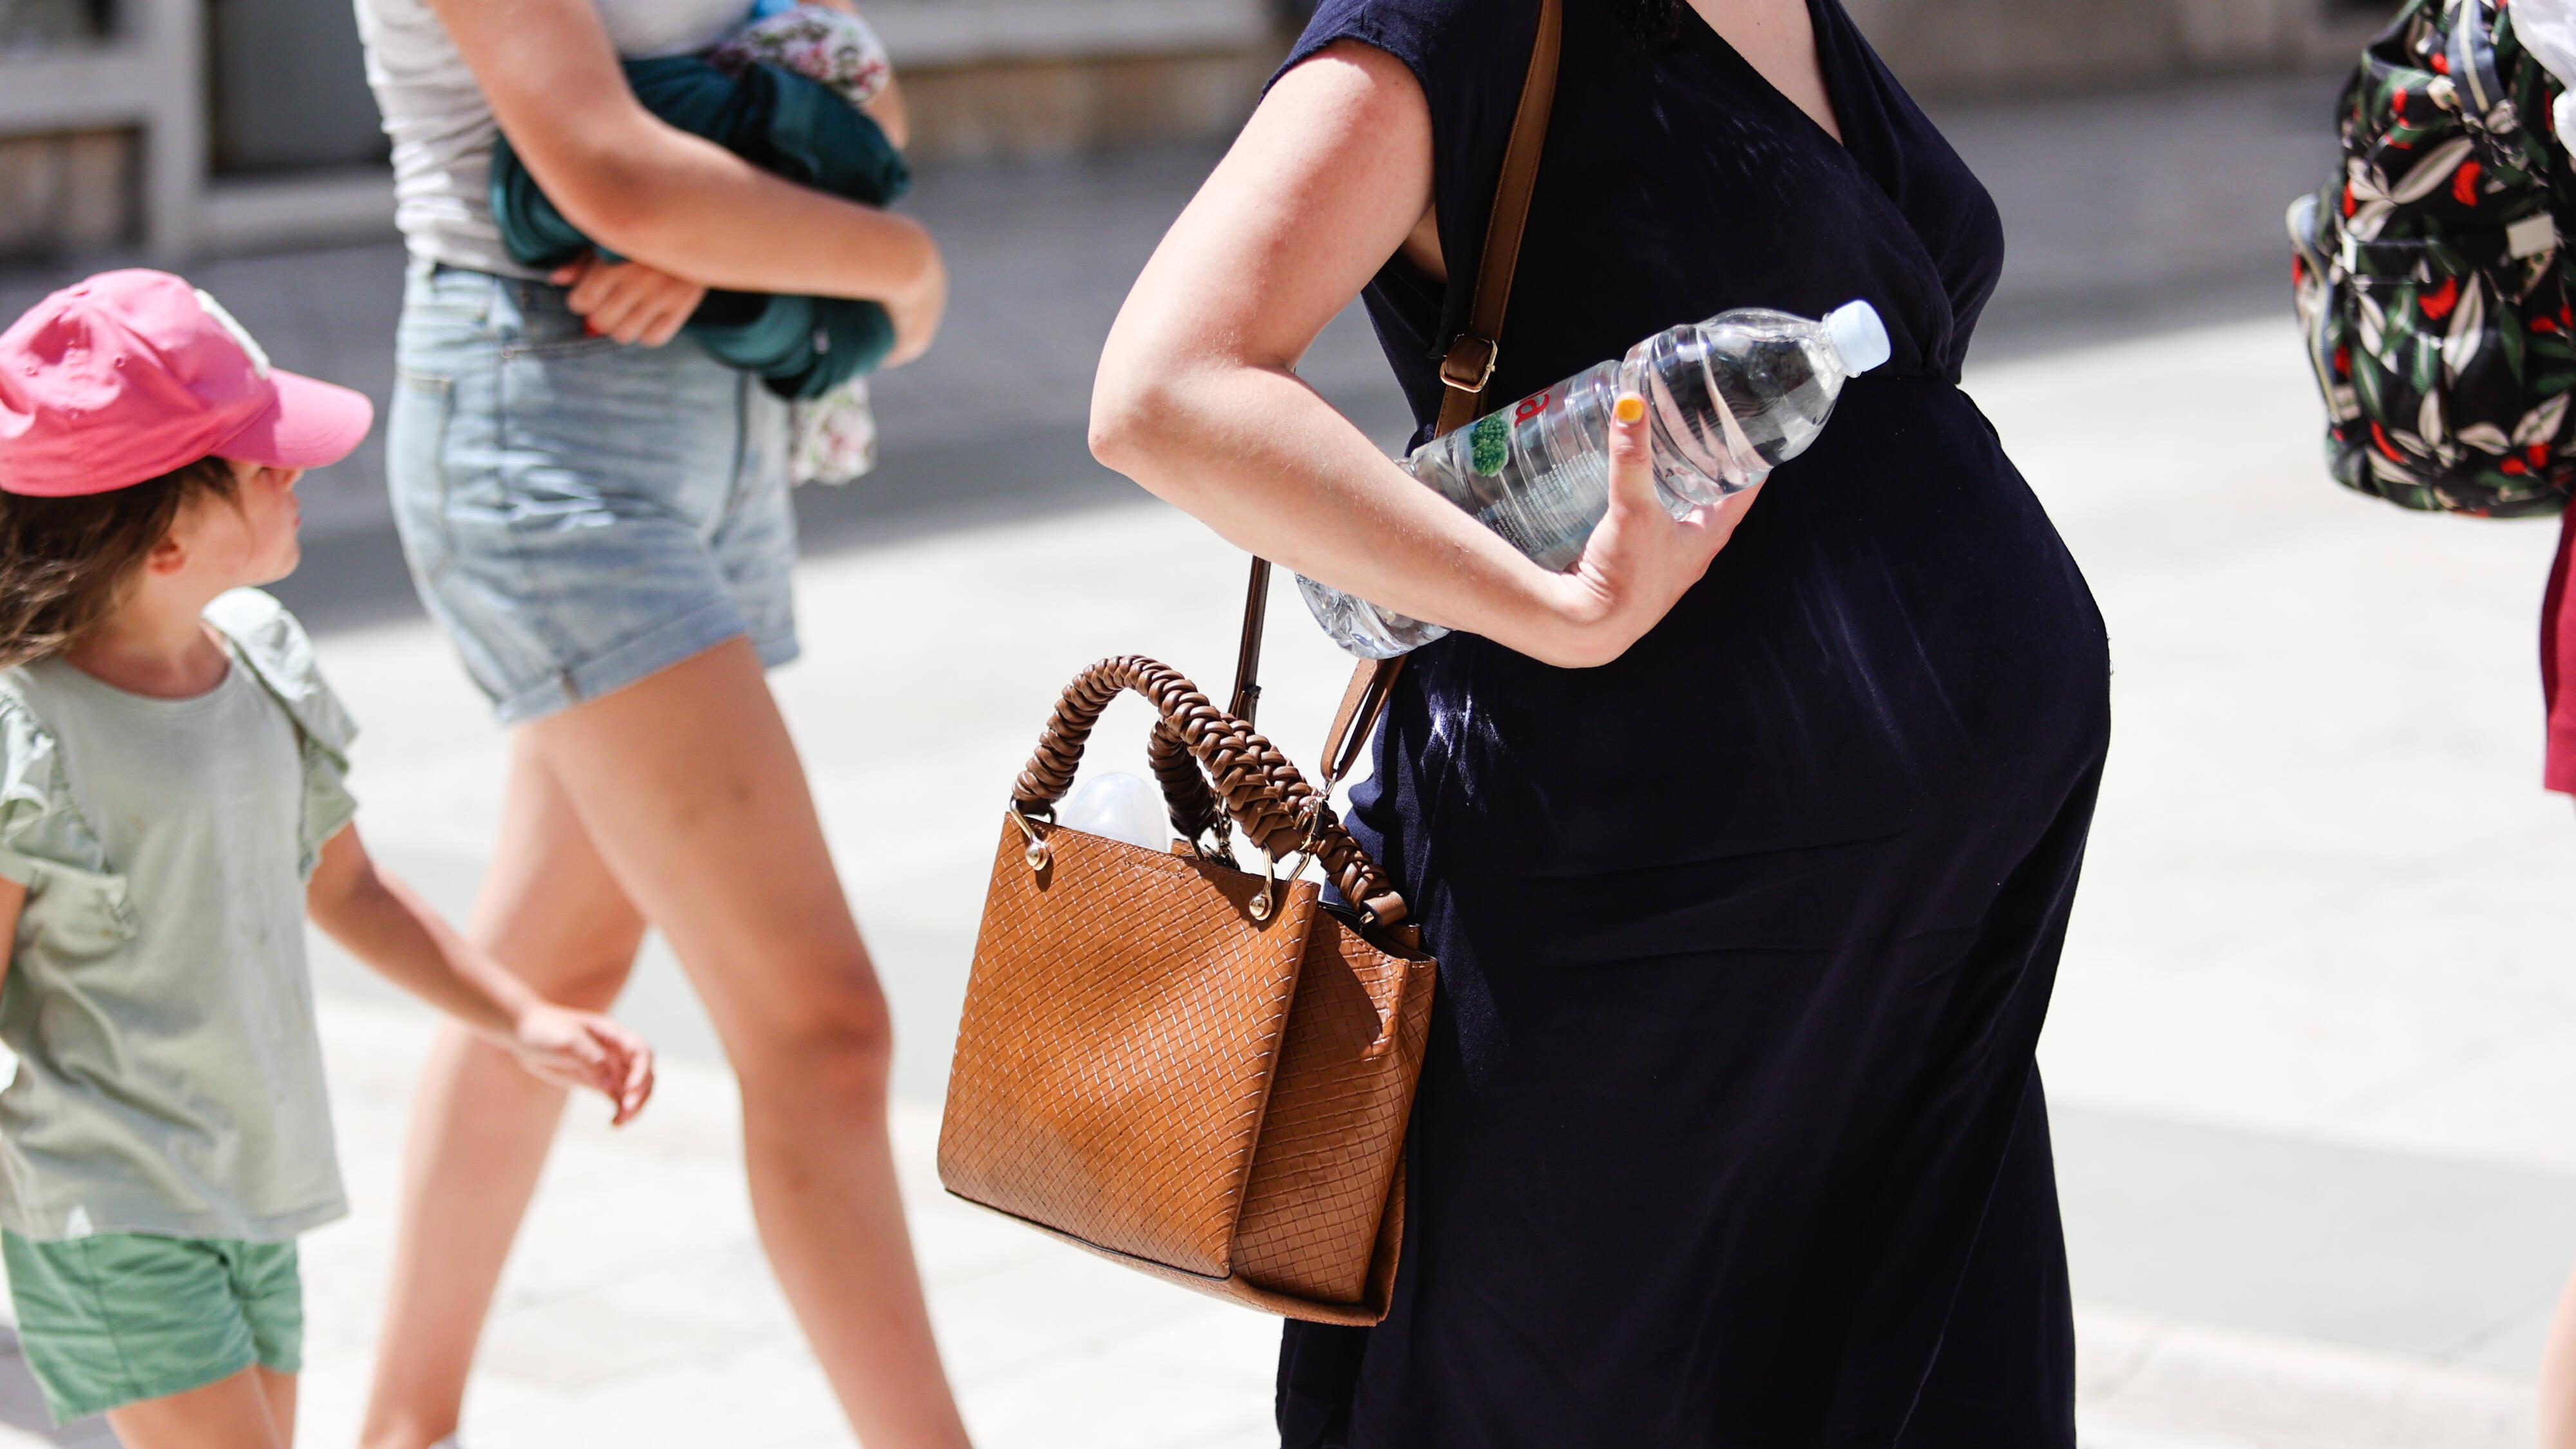 Sind Sie im Sommer schwanger, sollten Sie viel trinken und ausreichend Pausen einlegen.